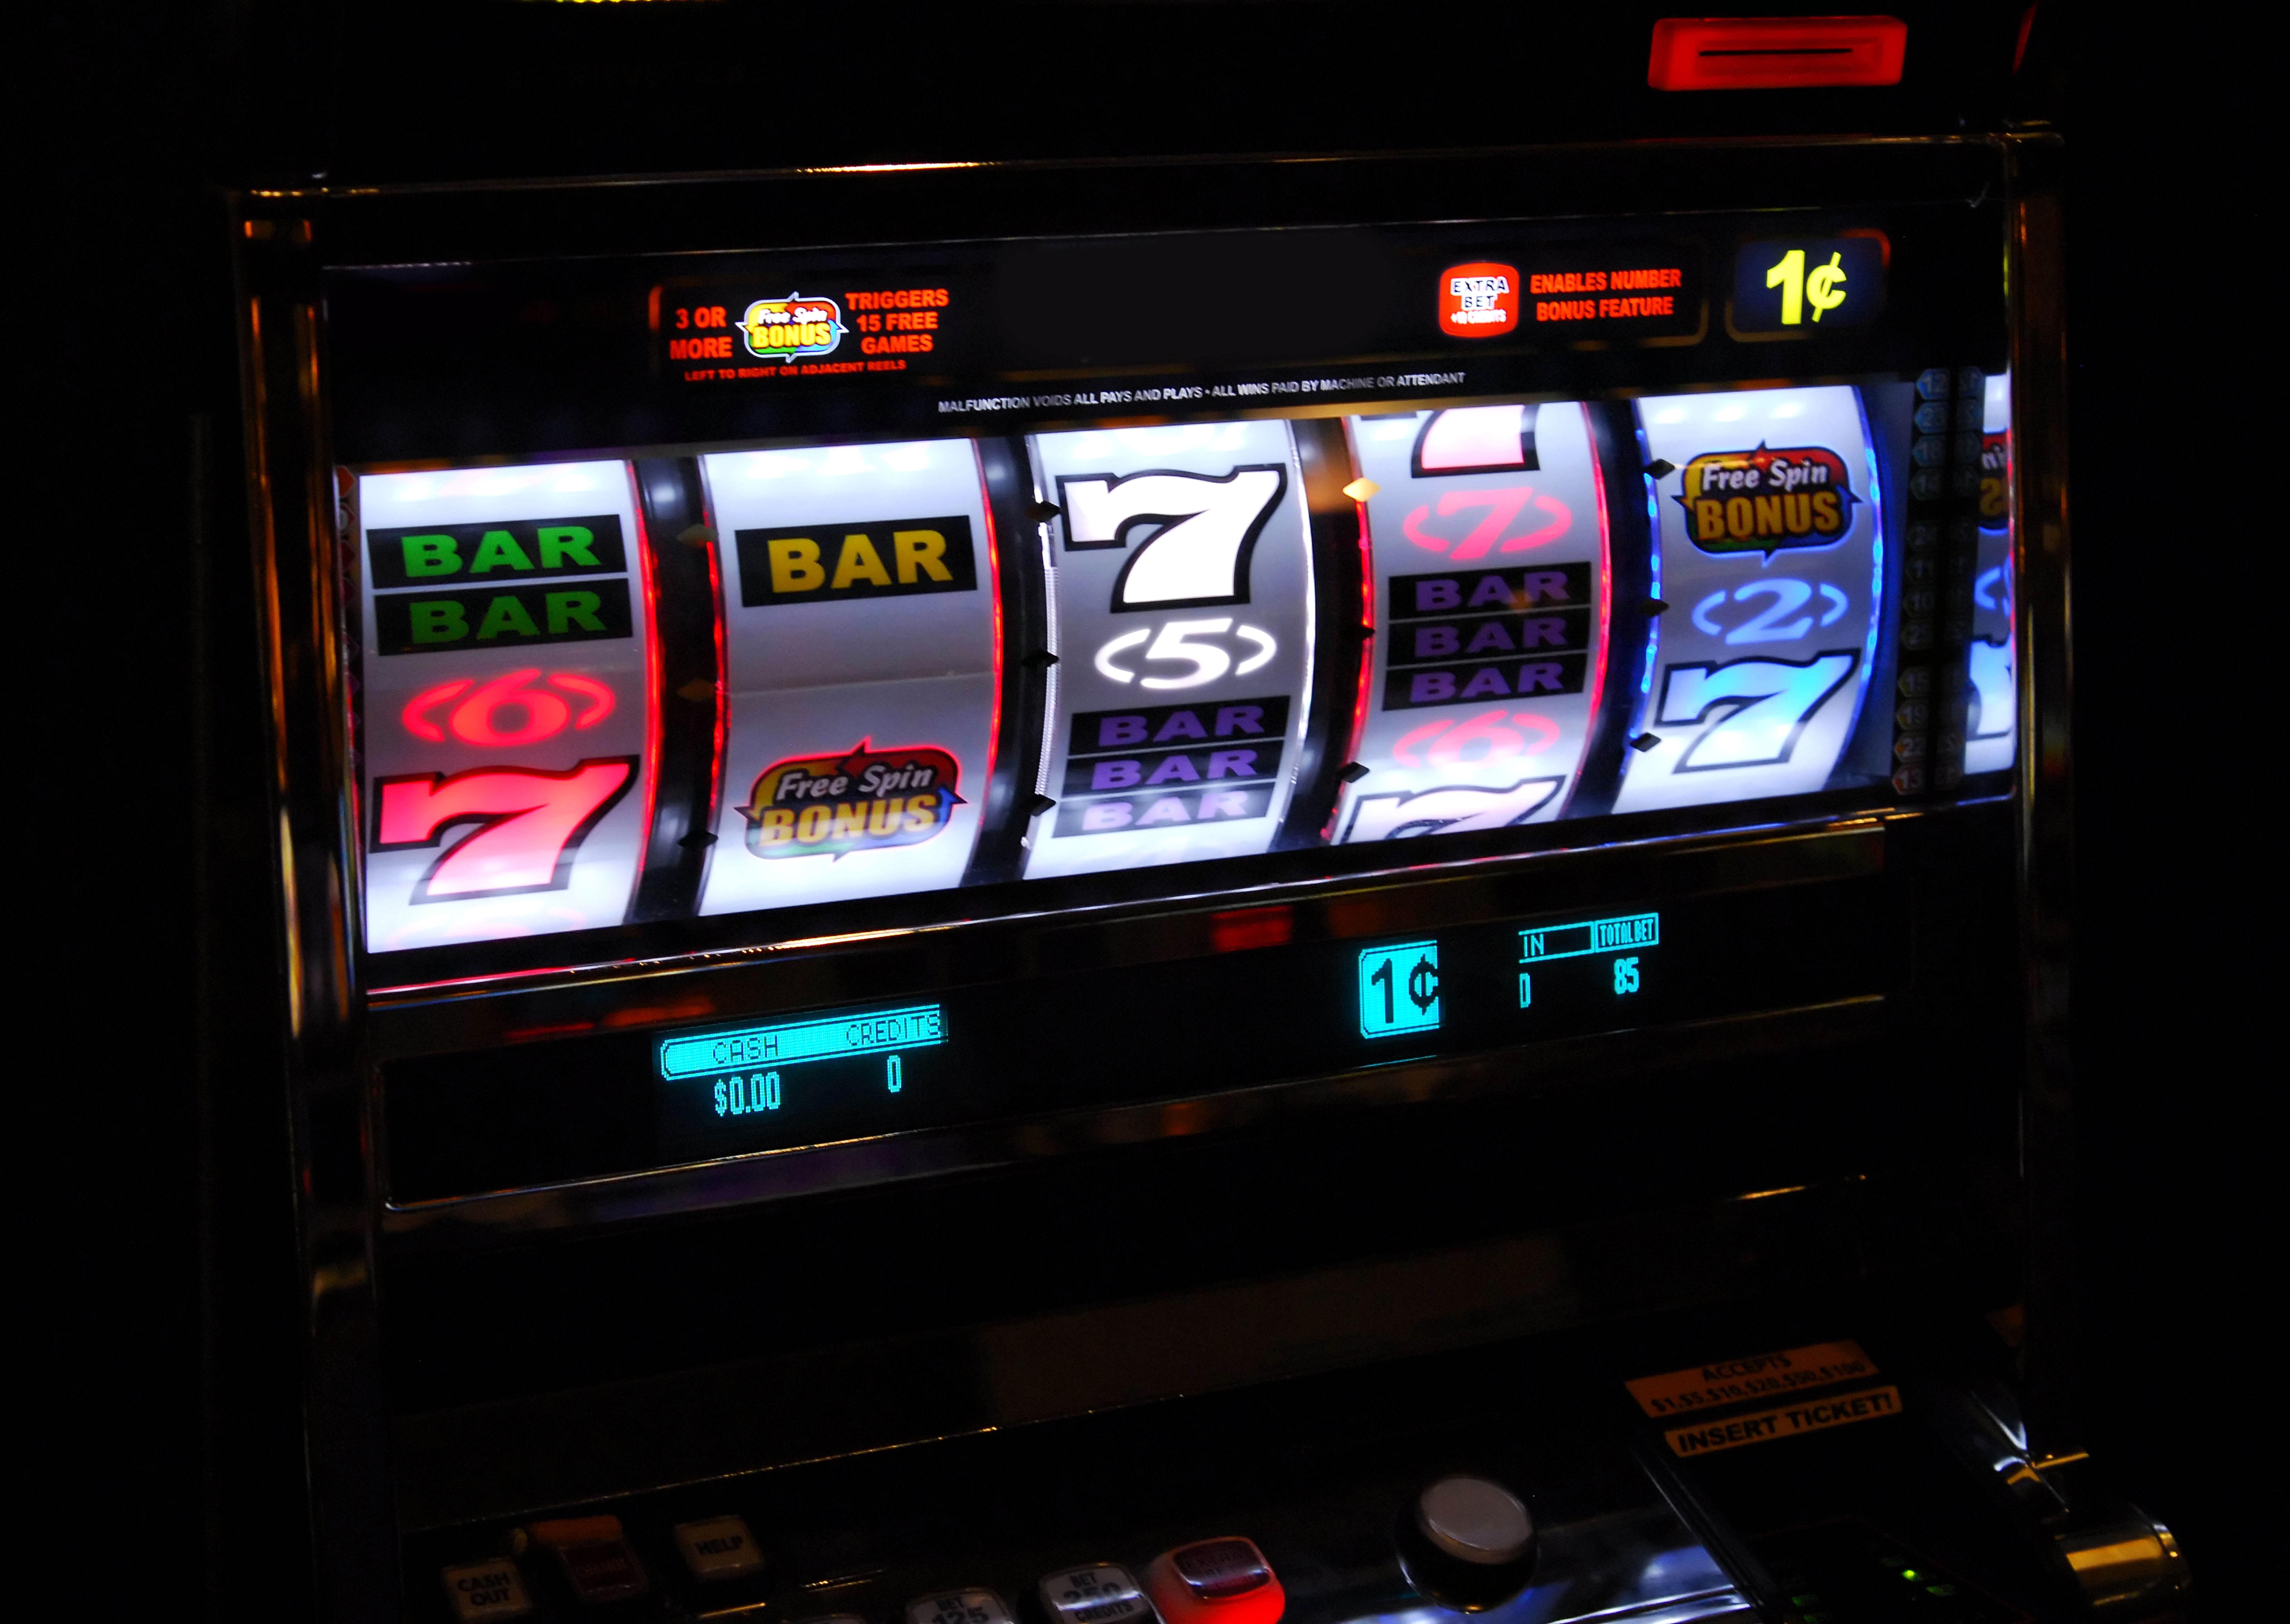 онлайн казино с бездепозитным бонусом за регистрацию на реальные деньги